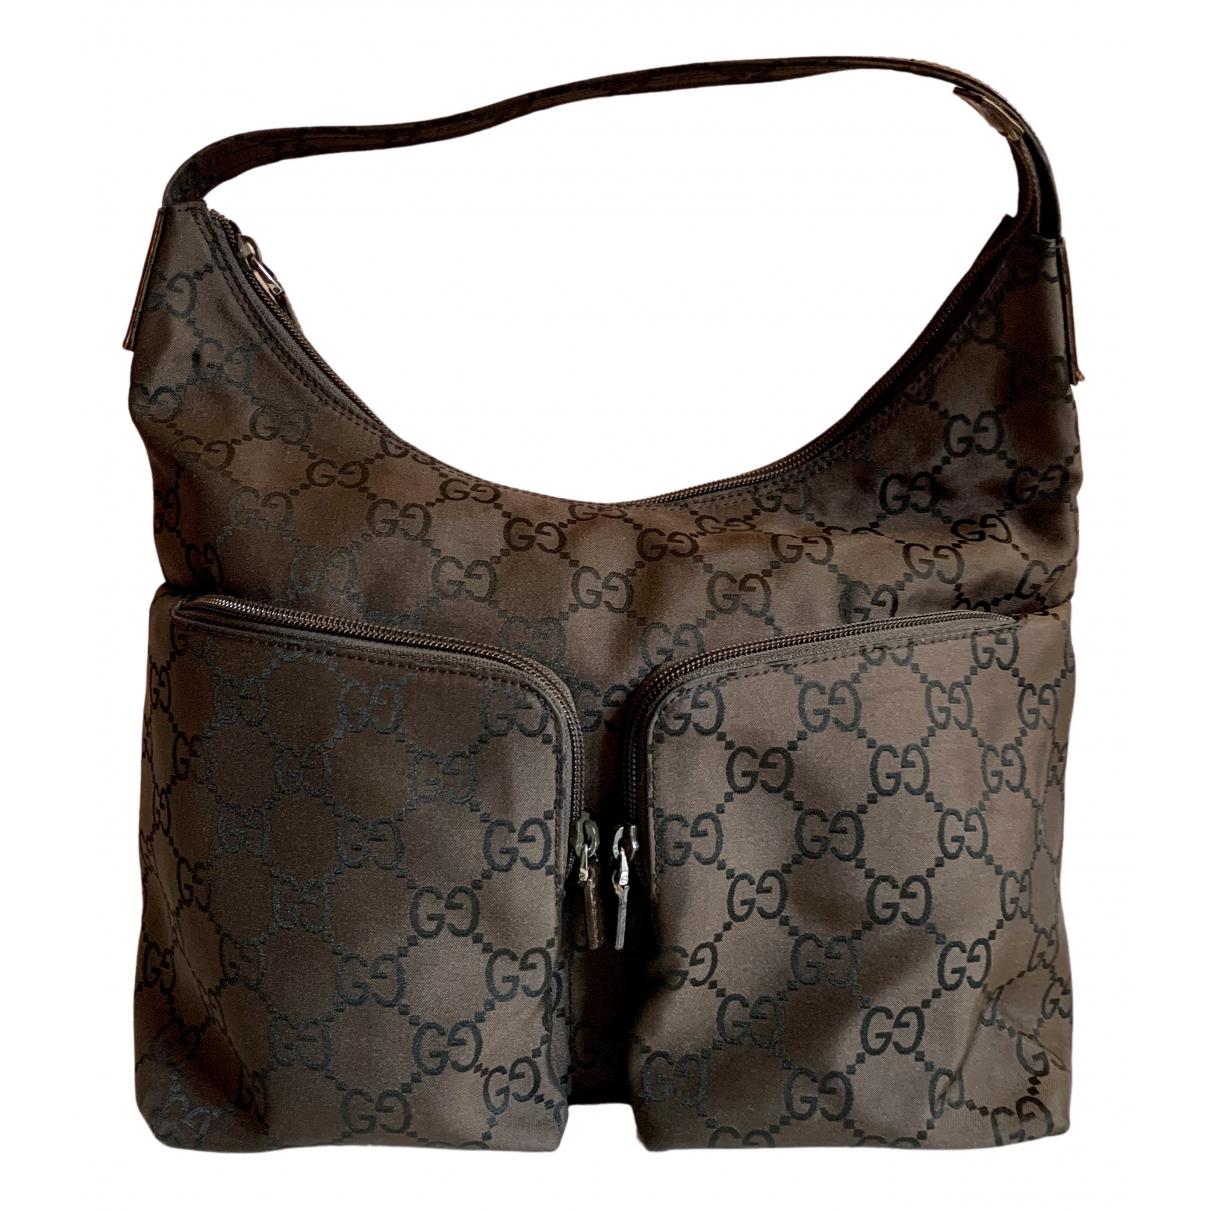 Gucci - Sac a main   pour femme en coton - marron